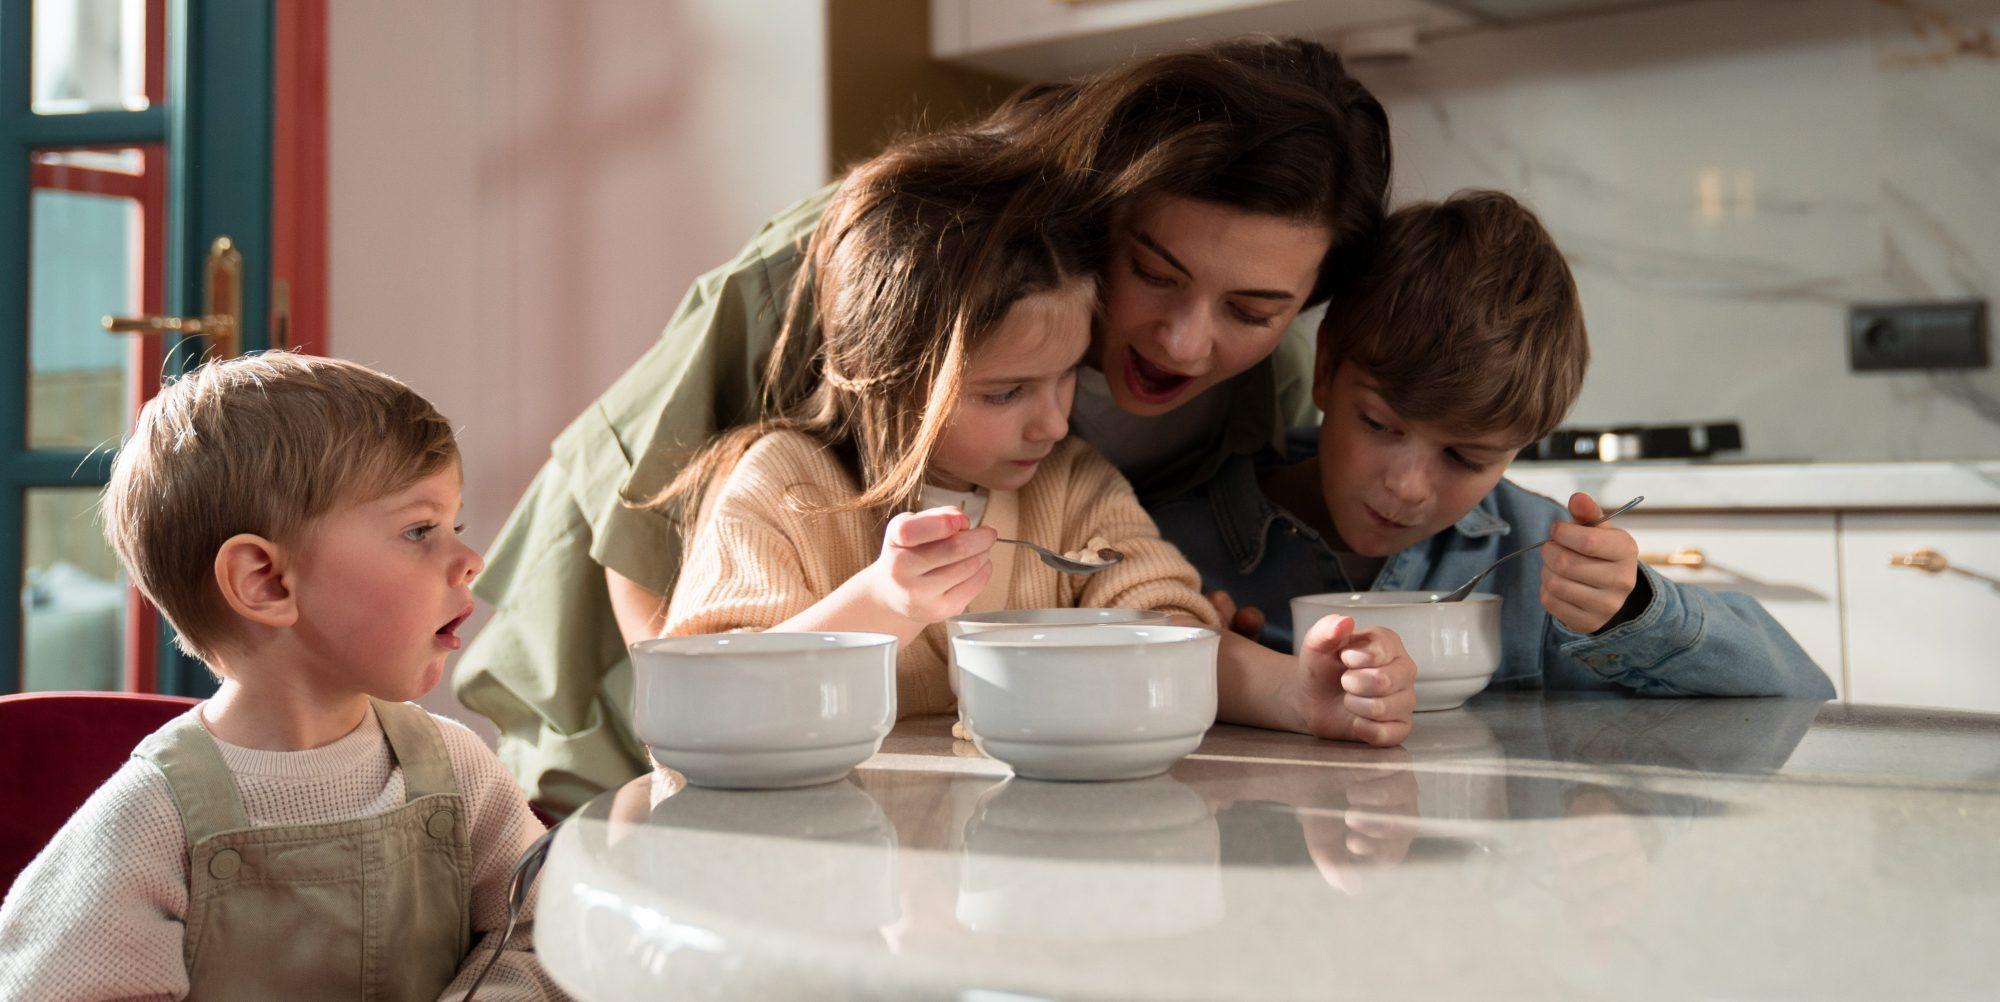 Είναι απολύτως OK αν δεν μπορεί να τρώει όλη η οικογένεια μαζί κάθε βράδυ Σε έναν κόσμο που οι εξωσχολικές δραστηριότητες και οι δουλειές τελειώνουν το βράδυ, το ότι η οικογένεια πρέπει να τρώει κάθε μέρα μαζί είναι αγχωτικό.